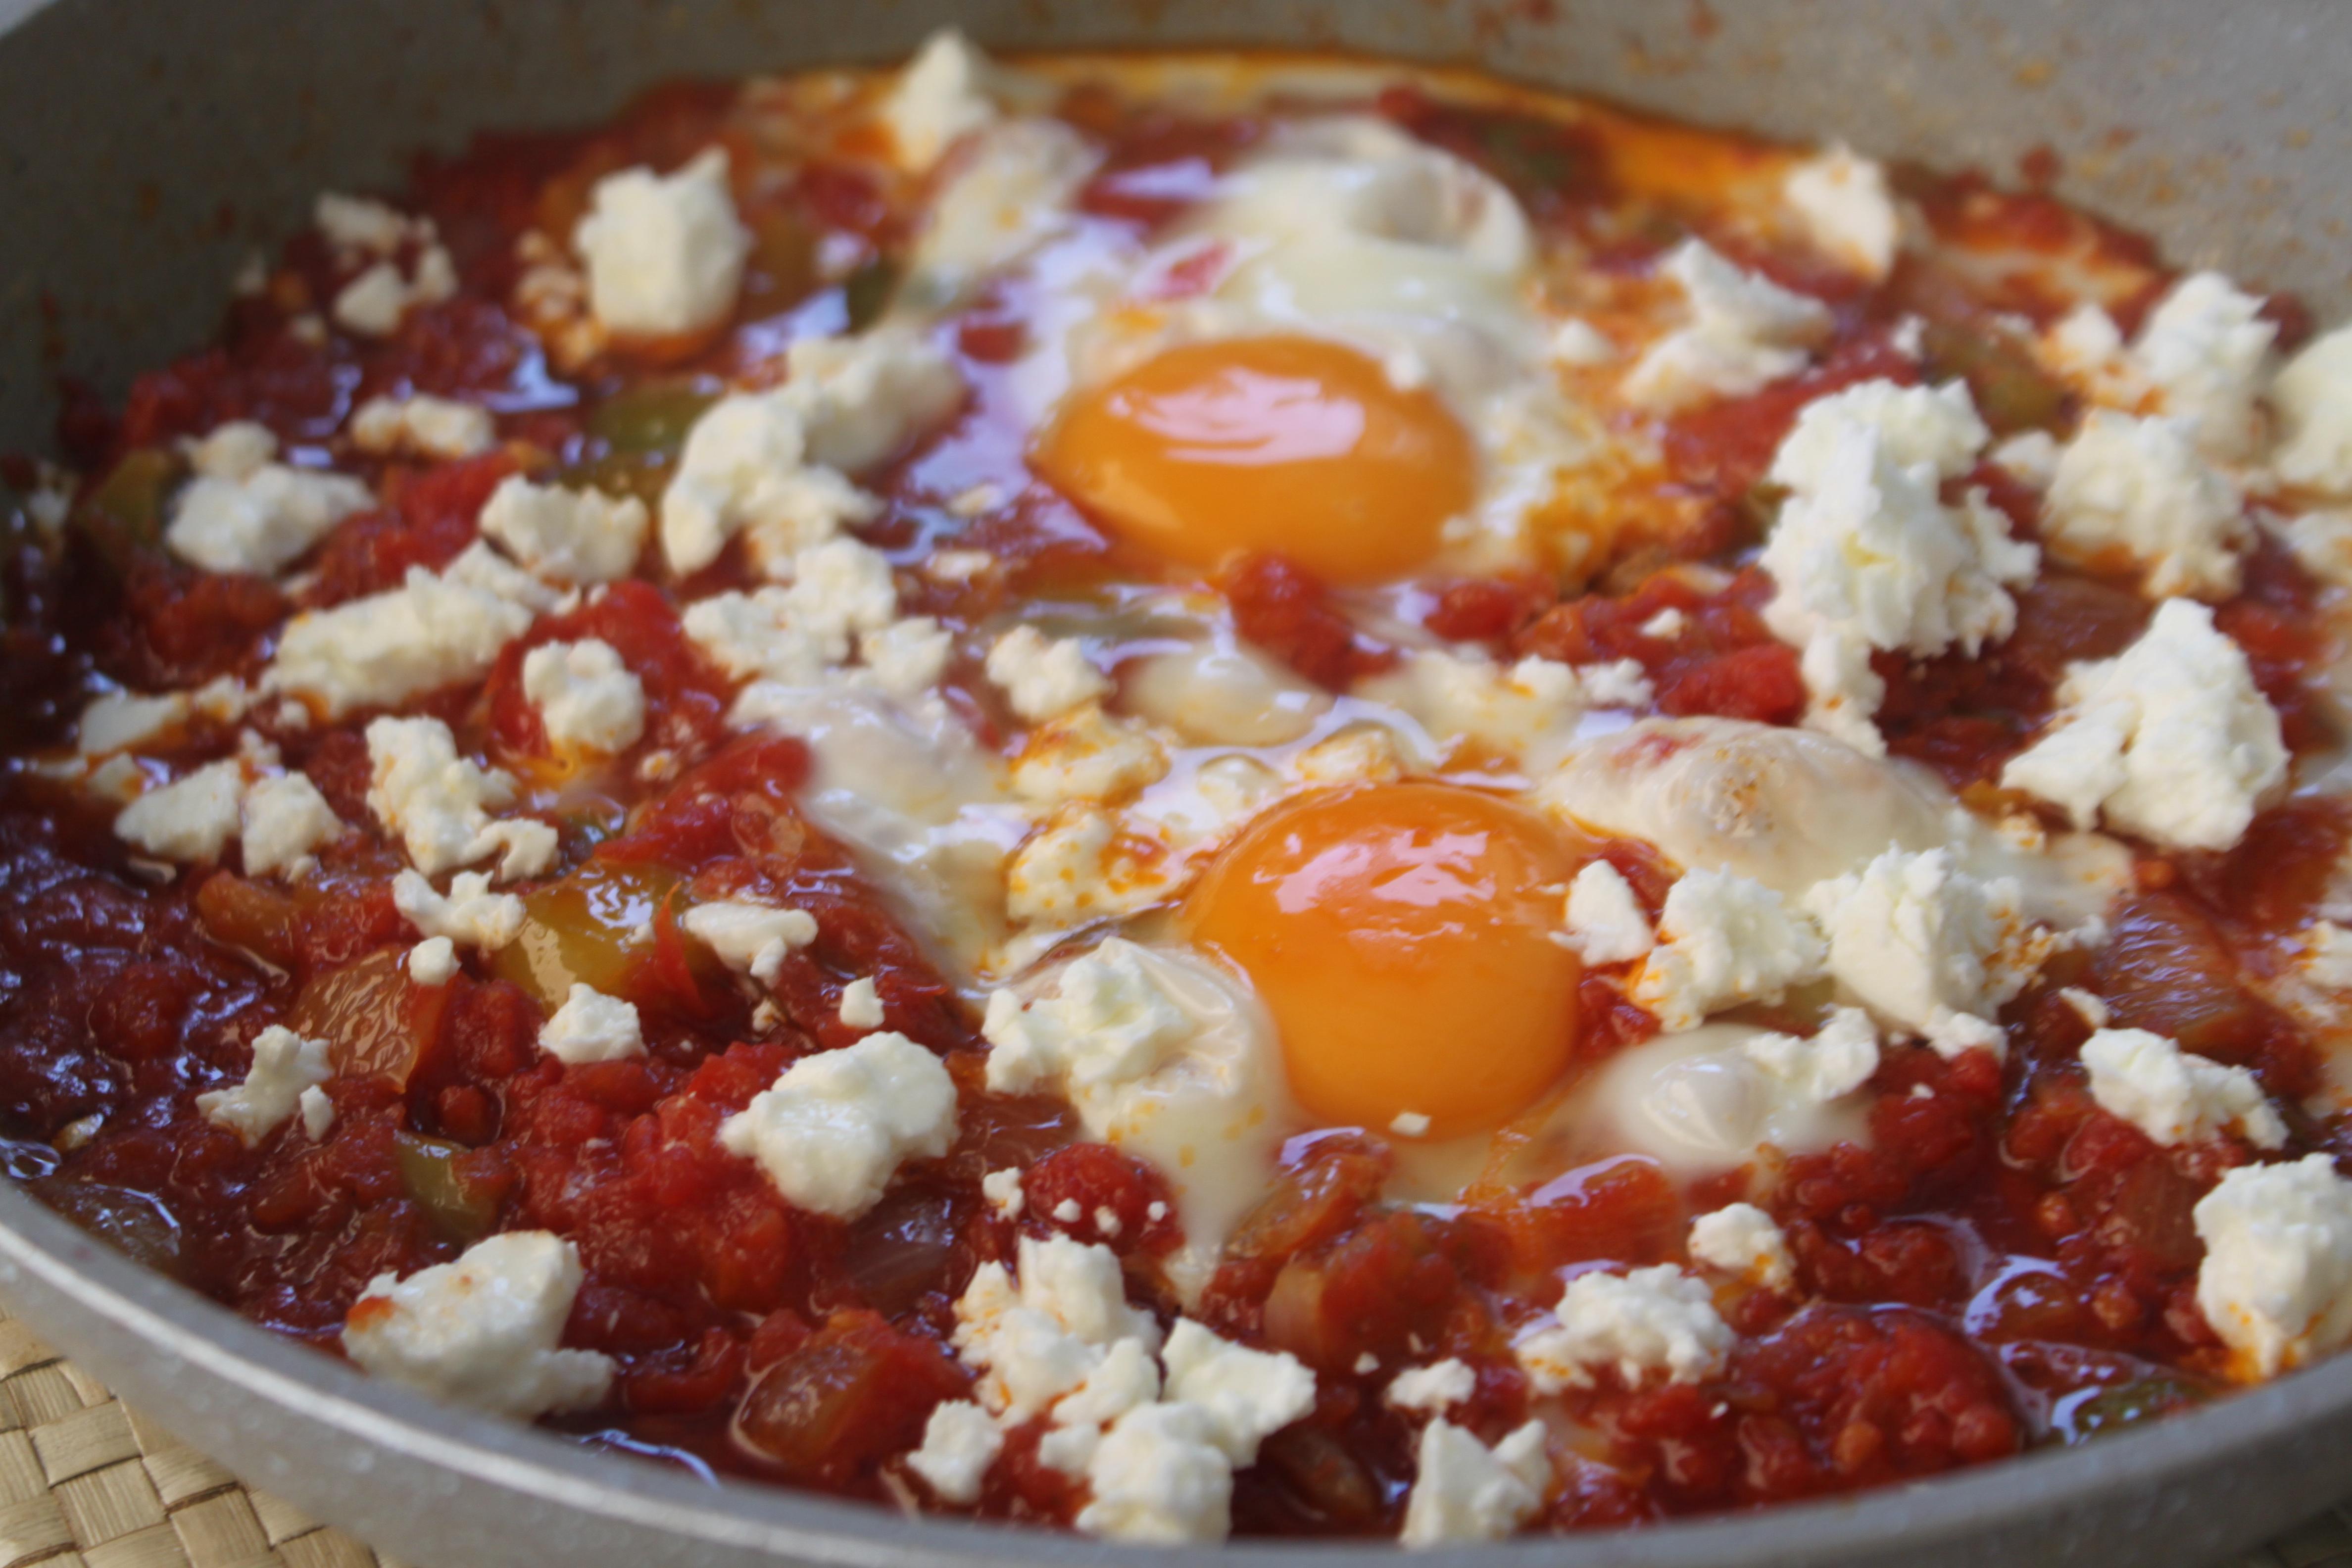 αβγά σαγανάκι με σάλτσα ντομάτας